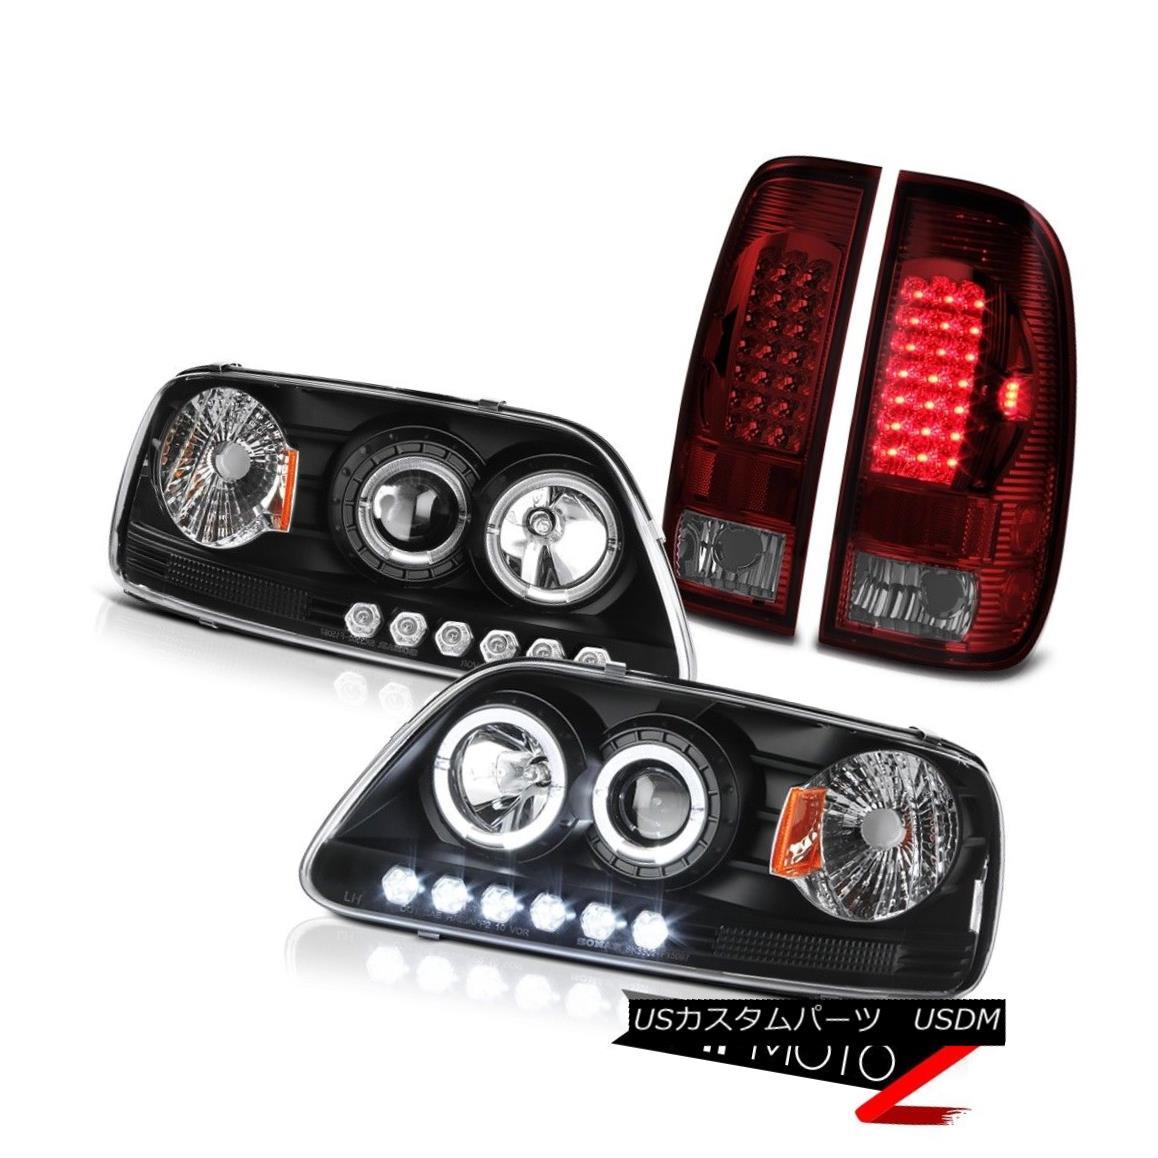 ヘッドライト F150 Triton 97-03 Black Angel Eye HALO Projector Headlights SMD LED Brake Lamps F150トリトン97-03ブラックエンジェルアイハロープロジェクターヘッドライトSMD LEDブレーキランプ